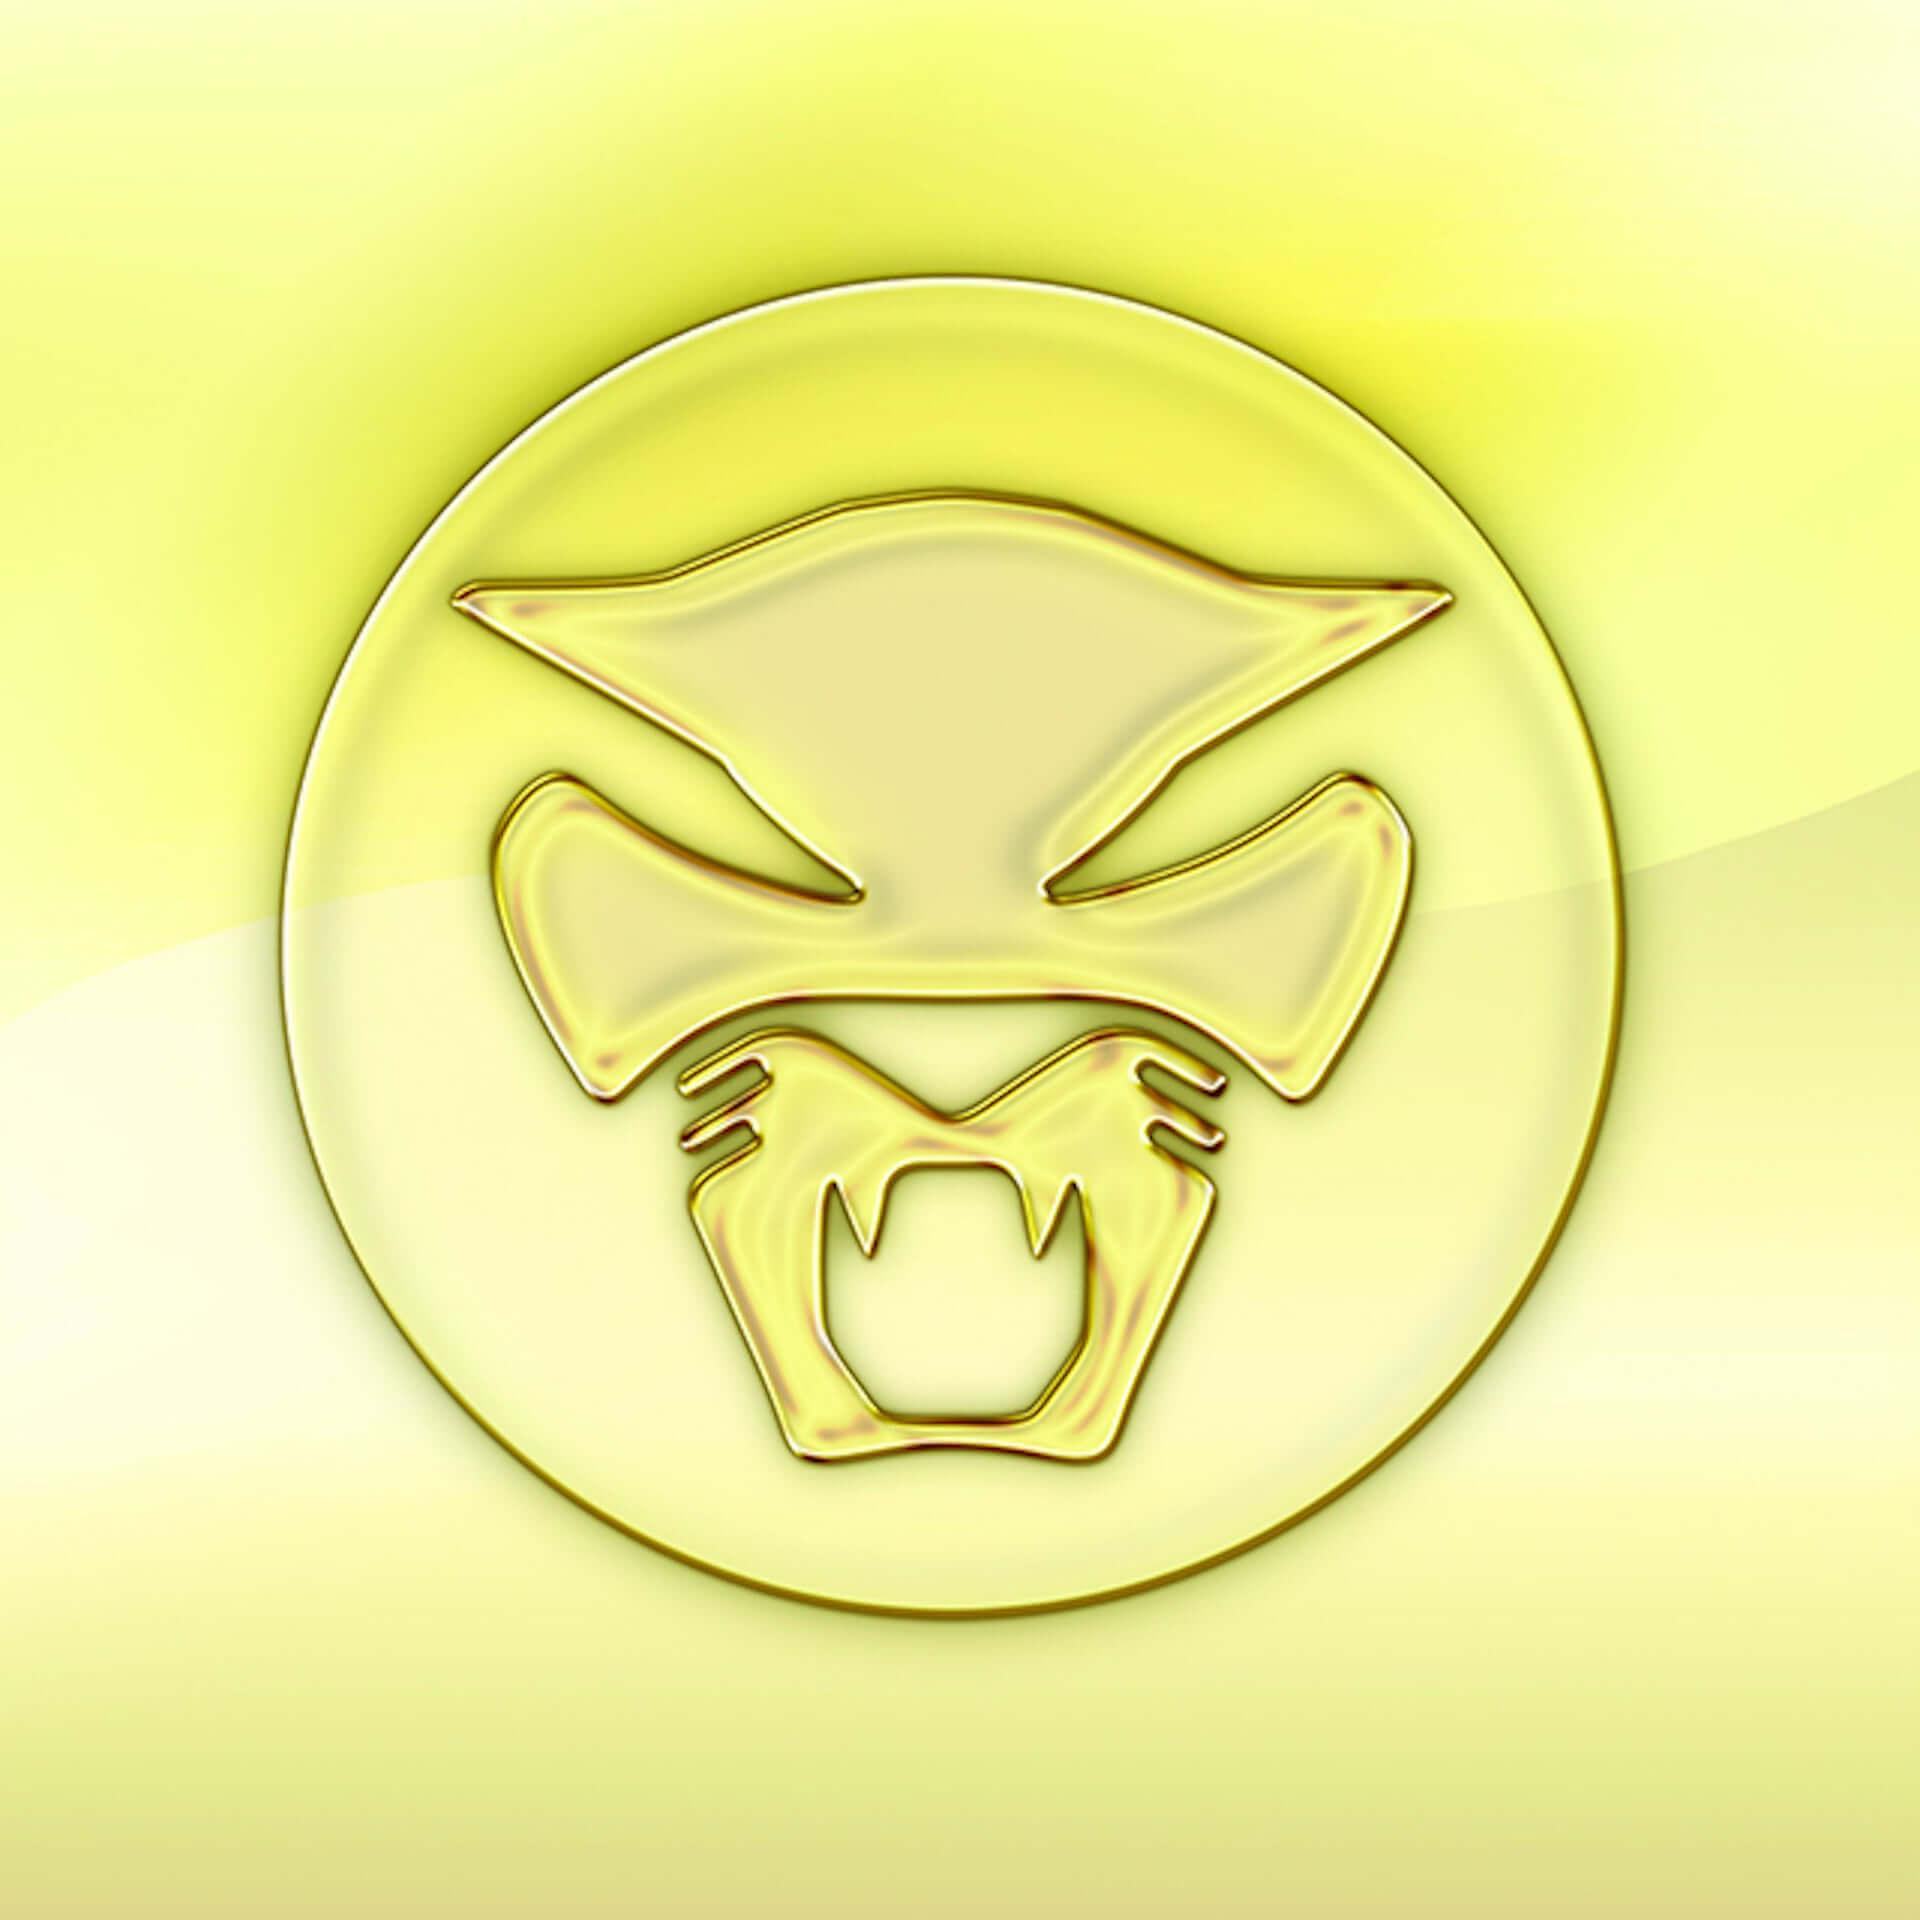 """Thundercatの楽曲""""Fair Chance(feat. Ty Dolla $ign & Lil B)""""をFloating Pointsがリミックス!音源が公開&12インチも発売決定 music201112_thundercat_4-1920x1920"""